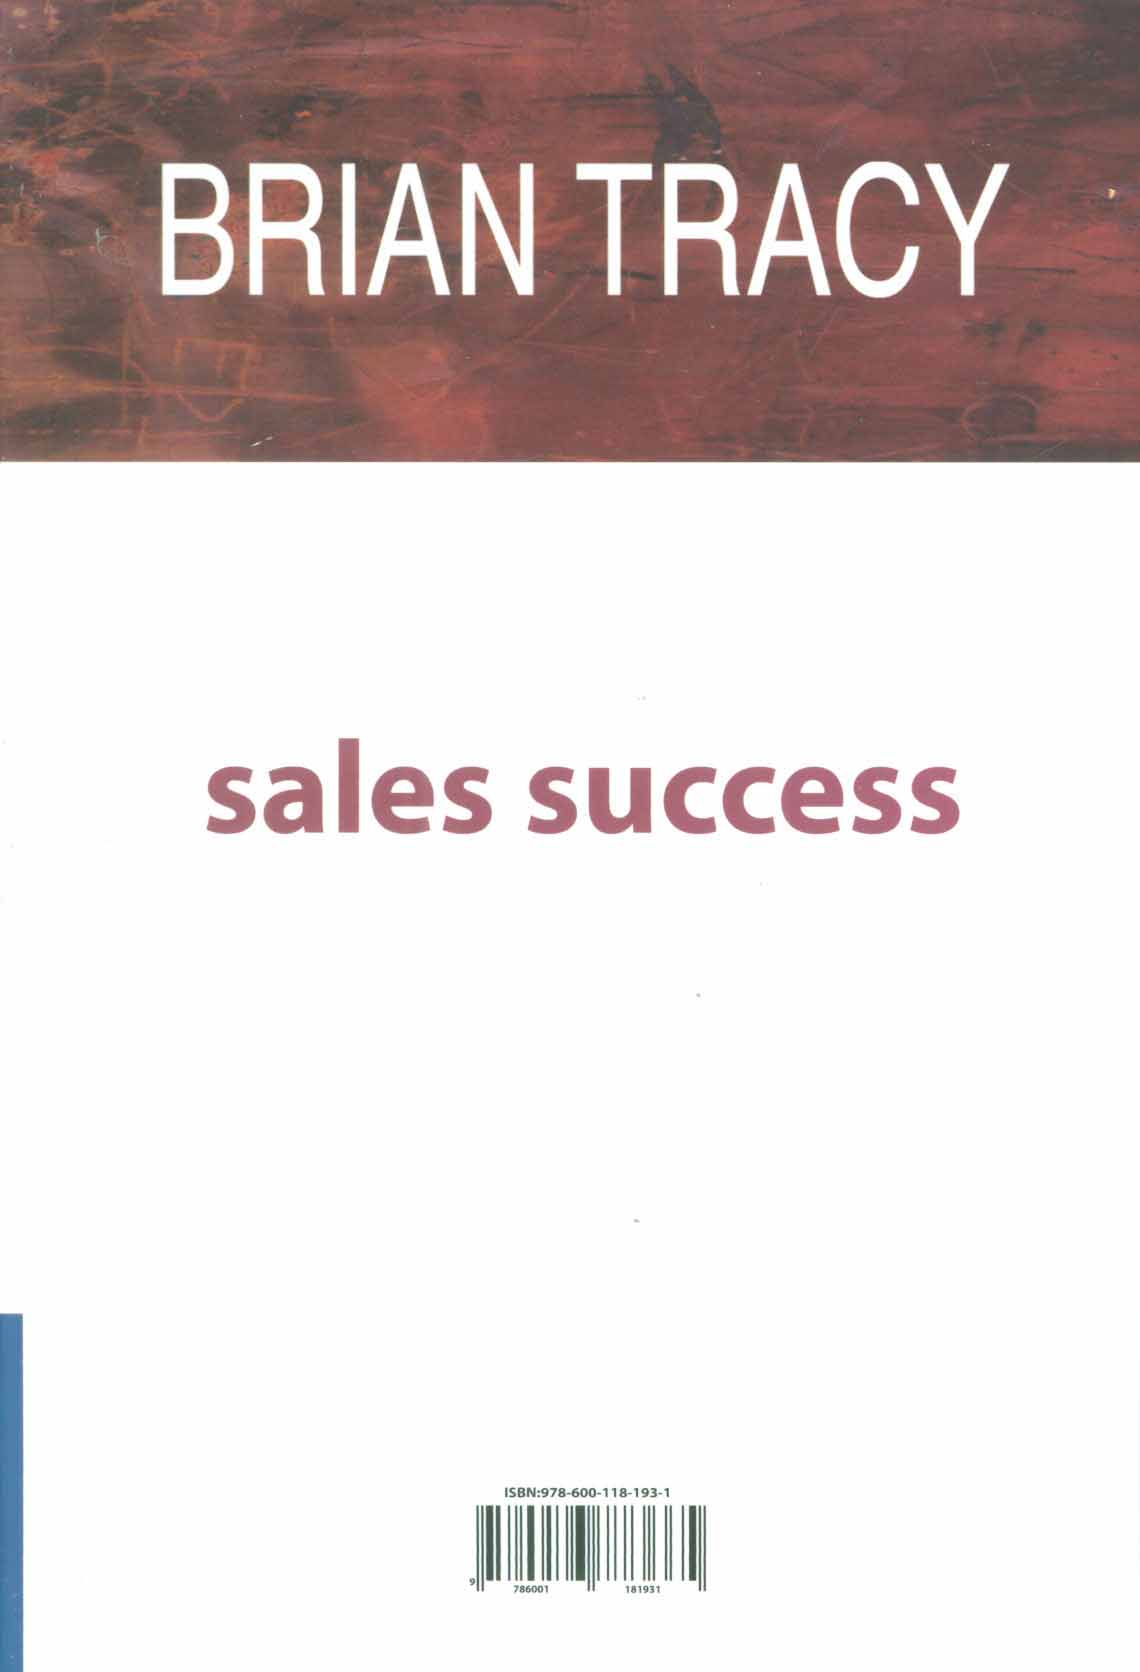 فروش موفق (آشنایی با روشهای کلیدی که به شما اجازه میدهند در برخورد با مشتری موفق عمل کنید)